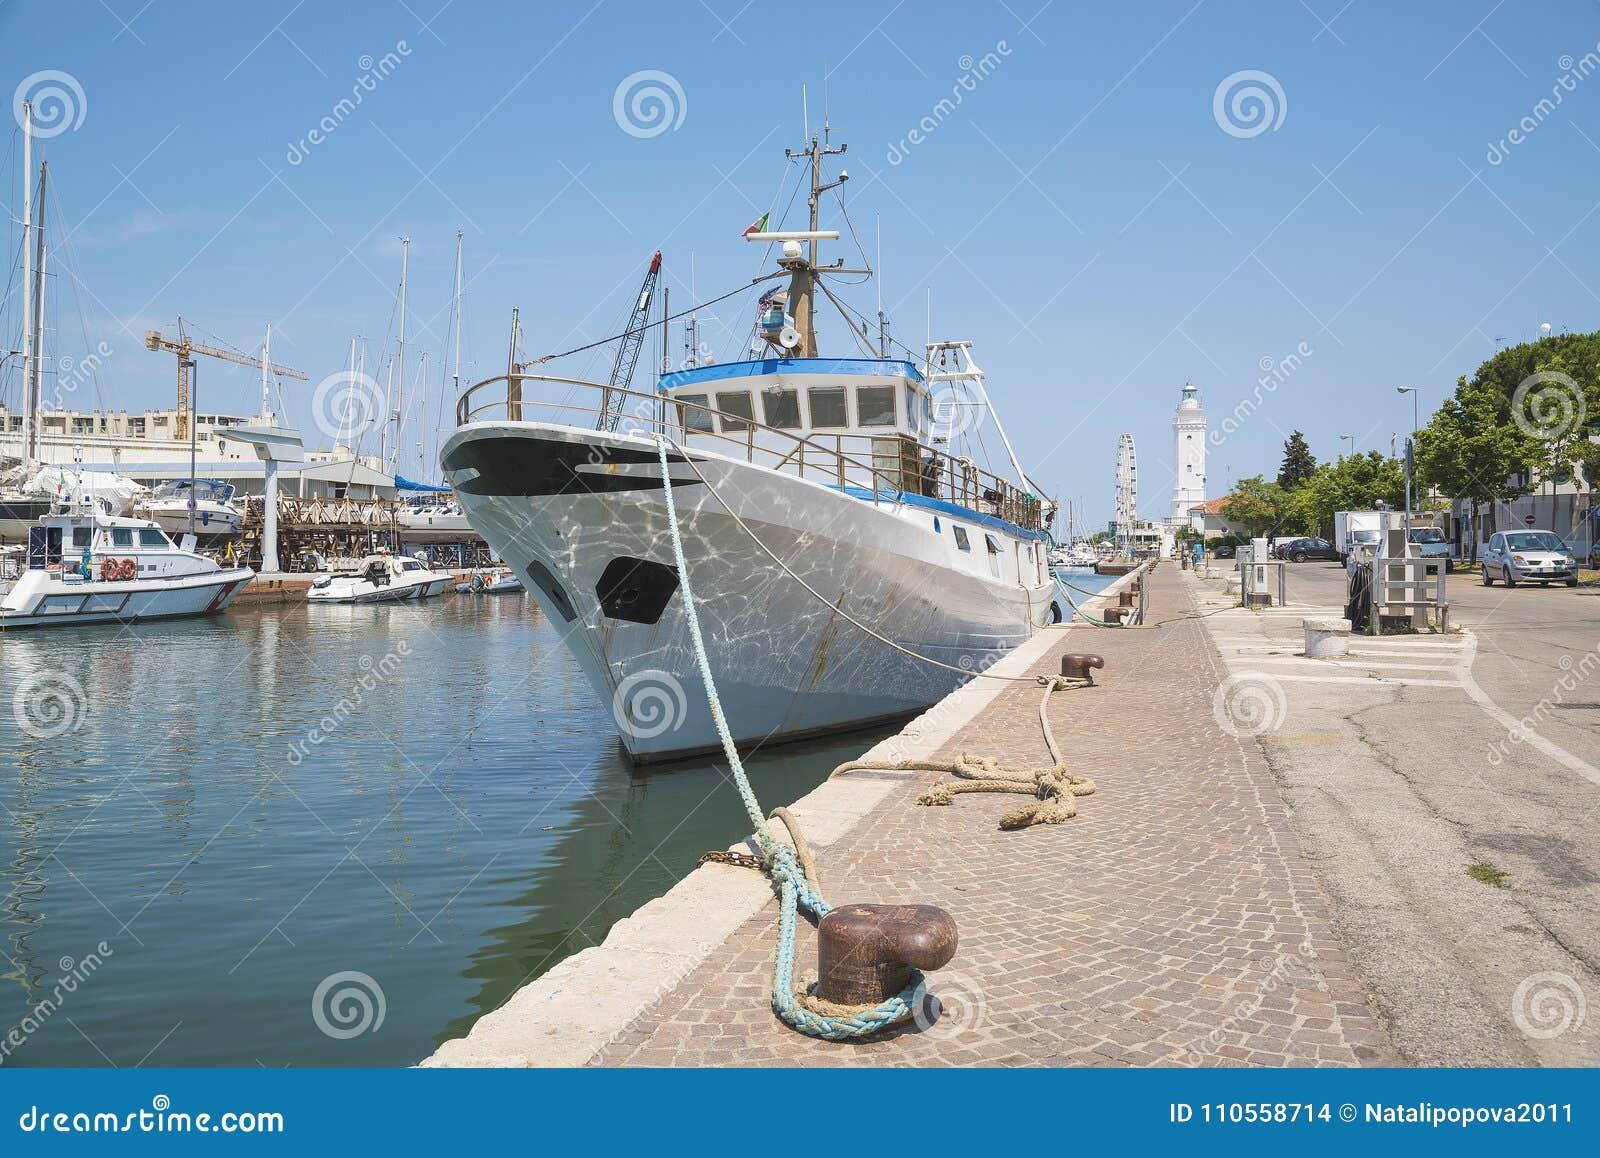 Vissersboot, Vissersvaartuig in de haven van de overzeese toevlucht van R